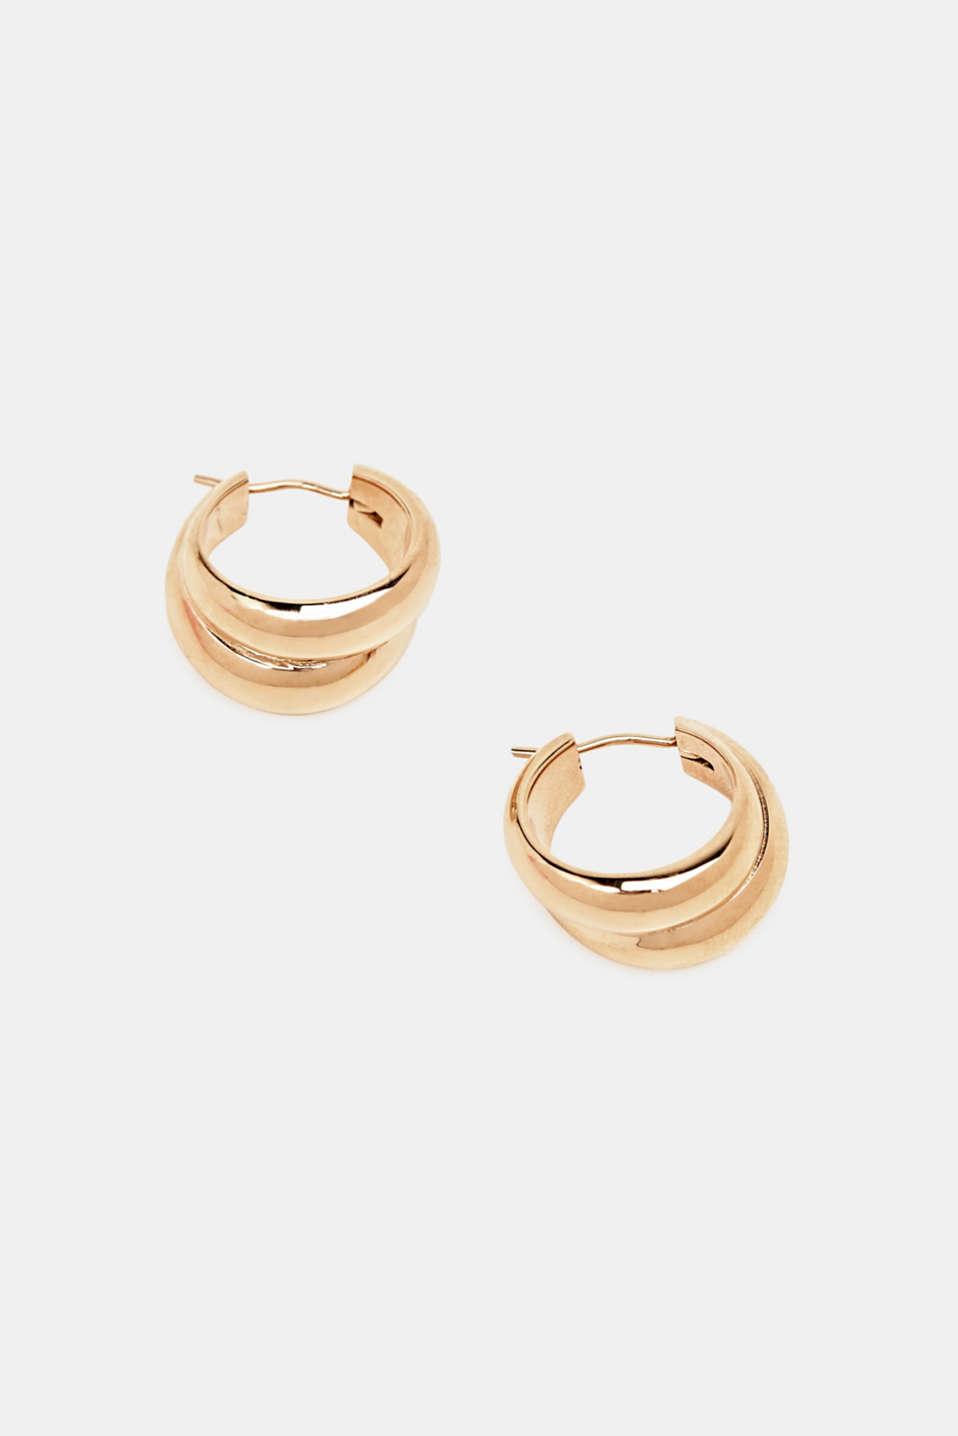 Stainless-steel hoop earrings, LCROSEGOLD, detail image number 1